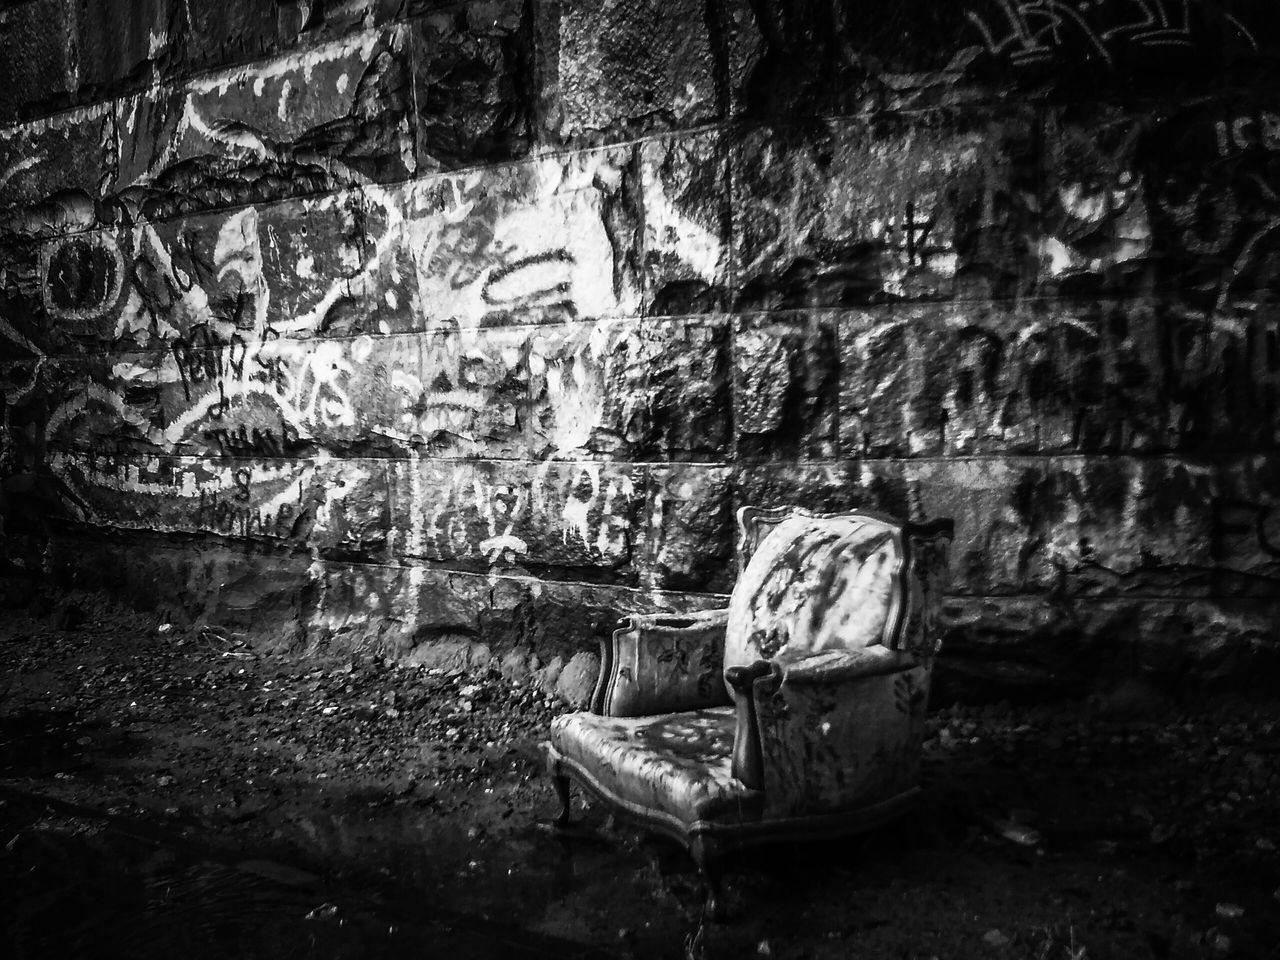 Graffiti Art Street Photography Streetphoto_bw Southerngothic Black & White Graffiti Graffiti & Streetart Athens Georgia Southern Life Goth